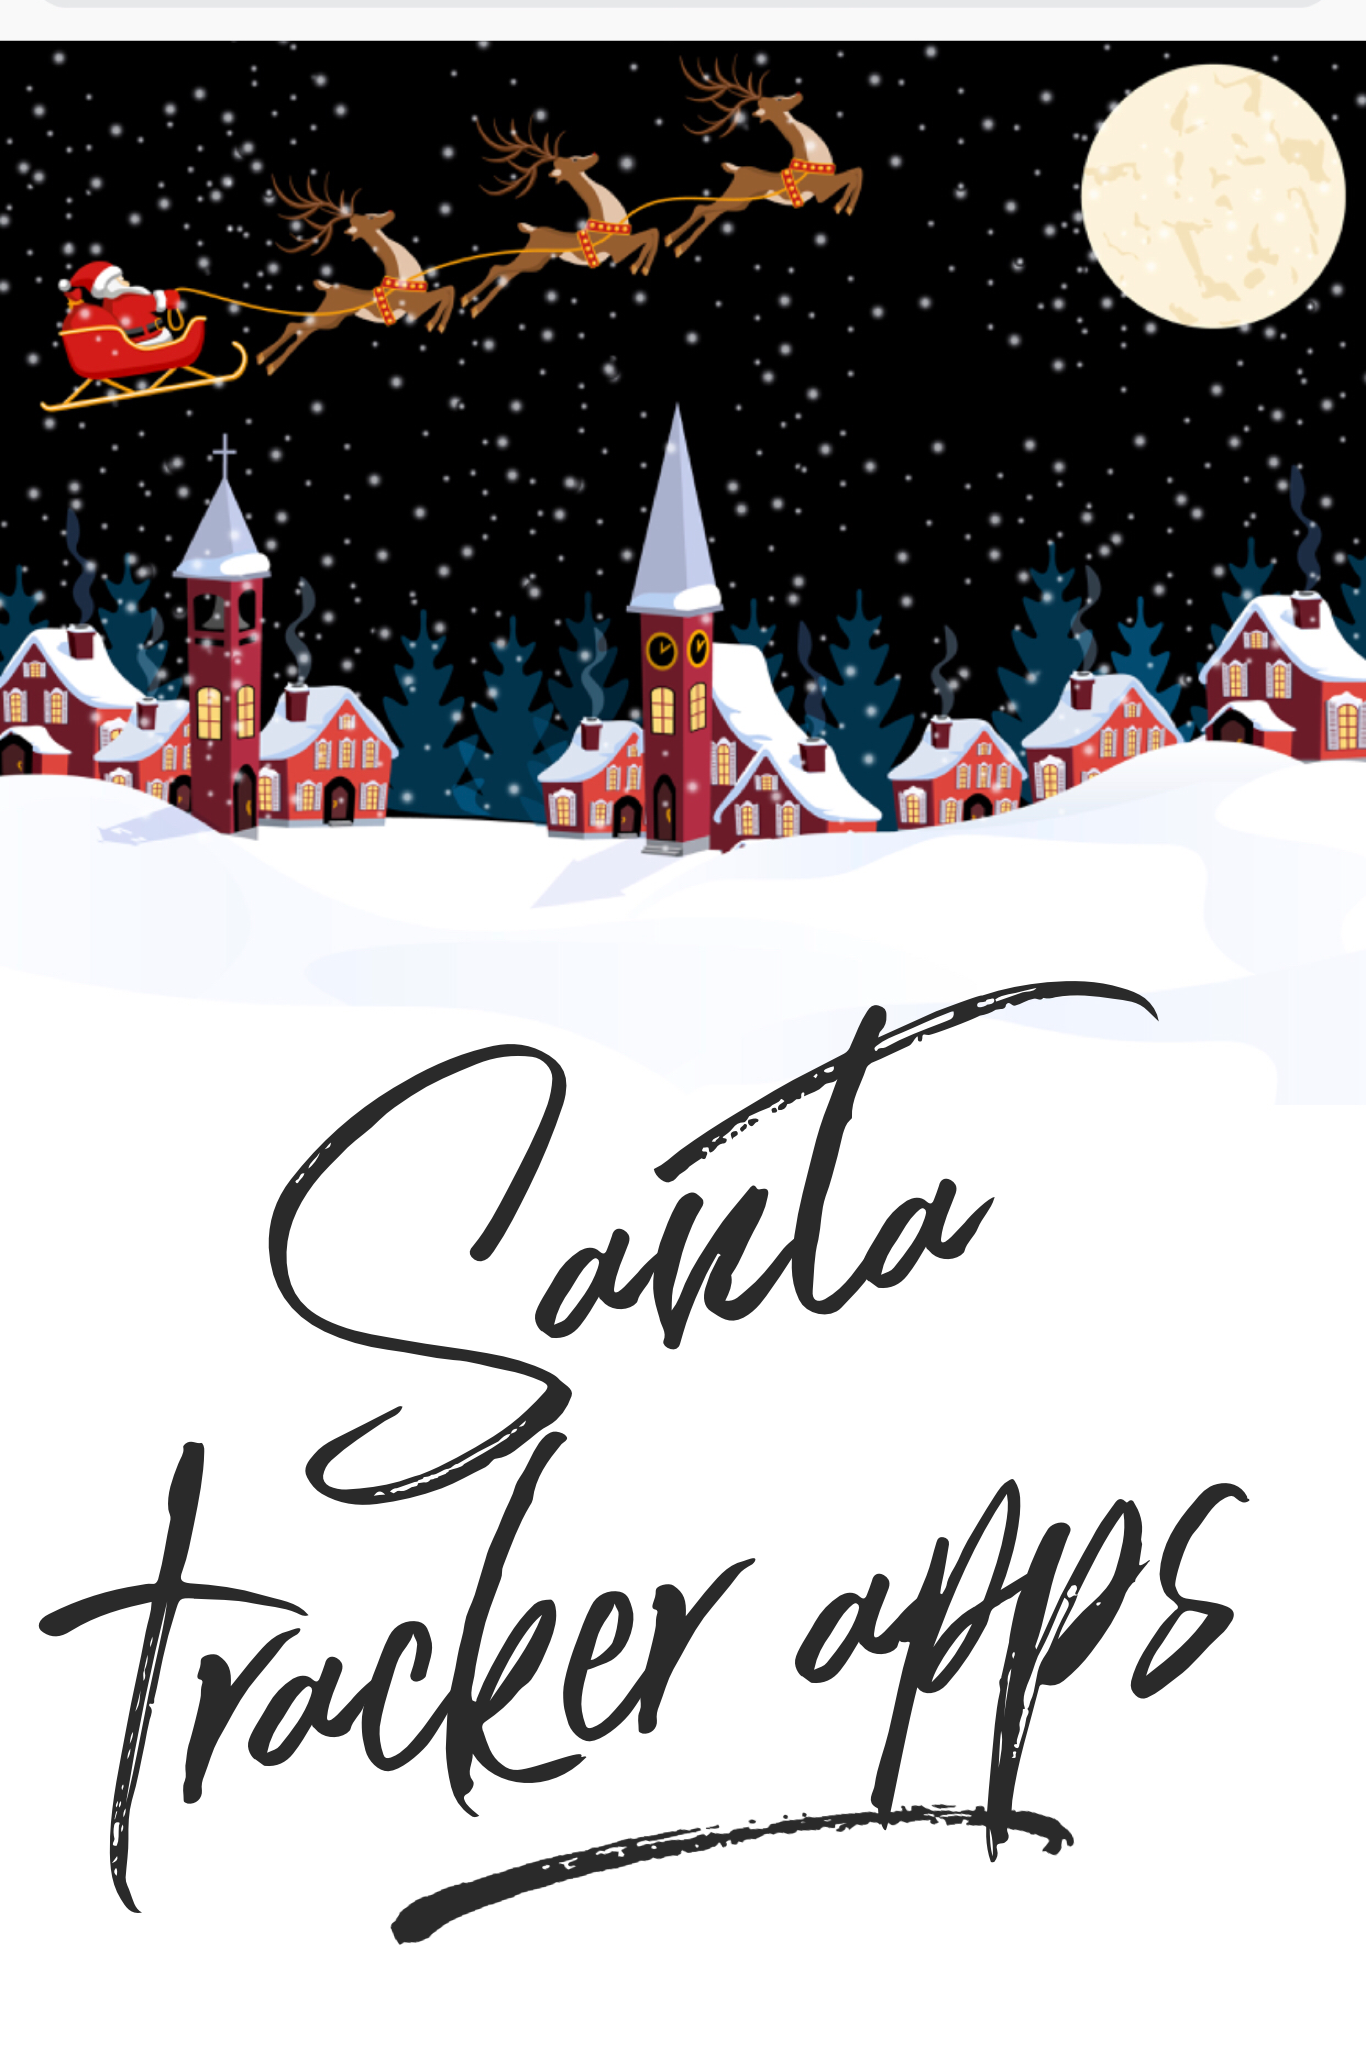 Santa Tracker Apps for Kids Christmas Traditions - Christmas apps for kids